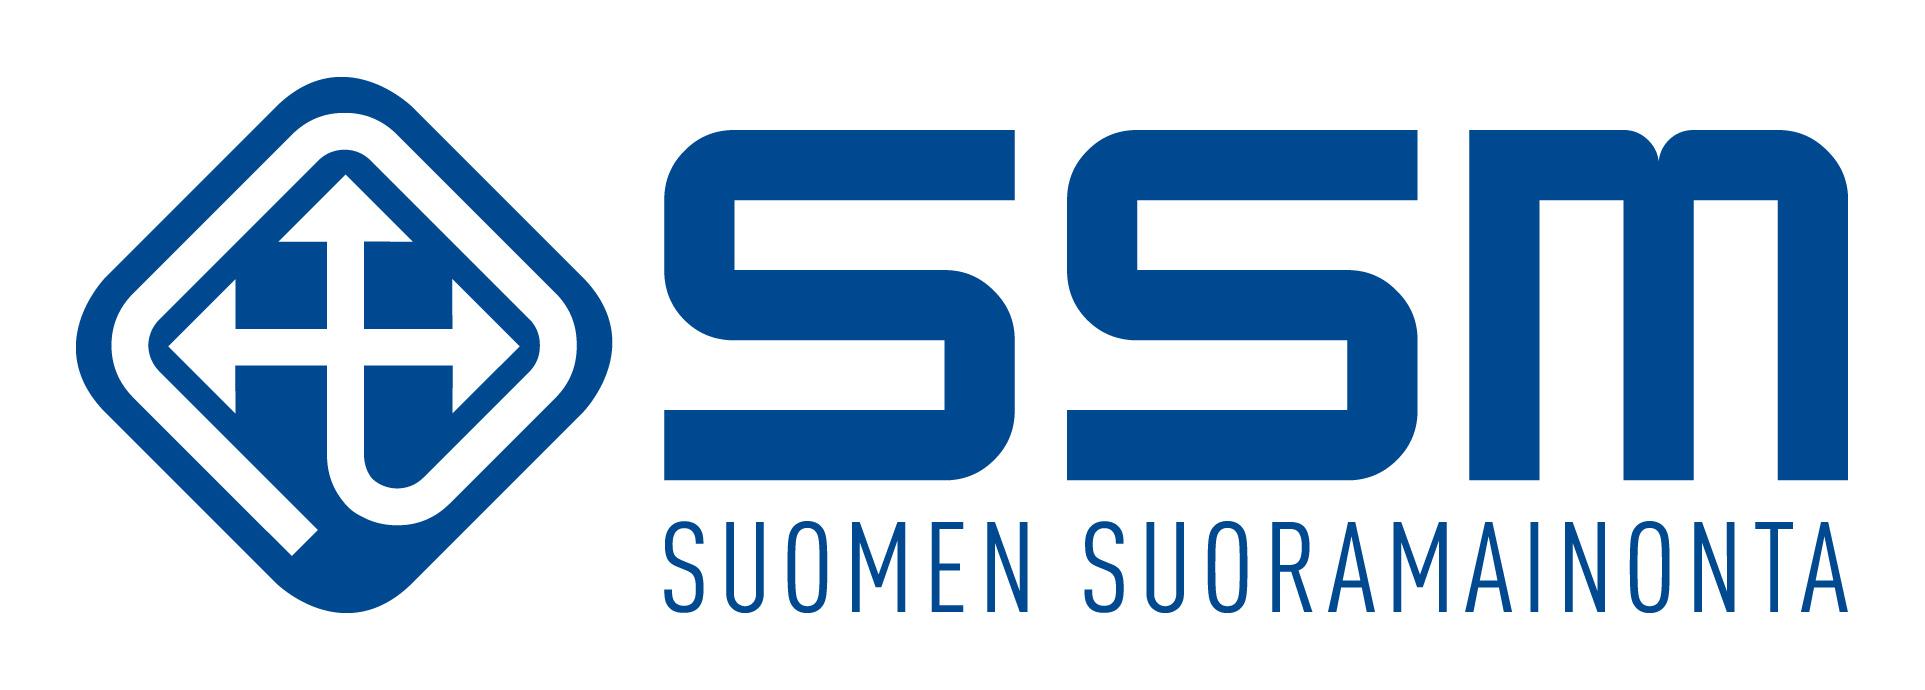 Suomen Suoramainonta Oy